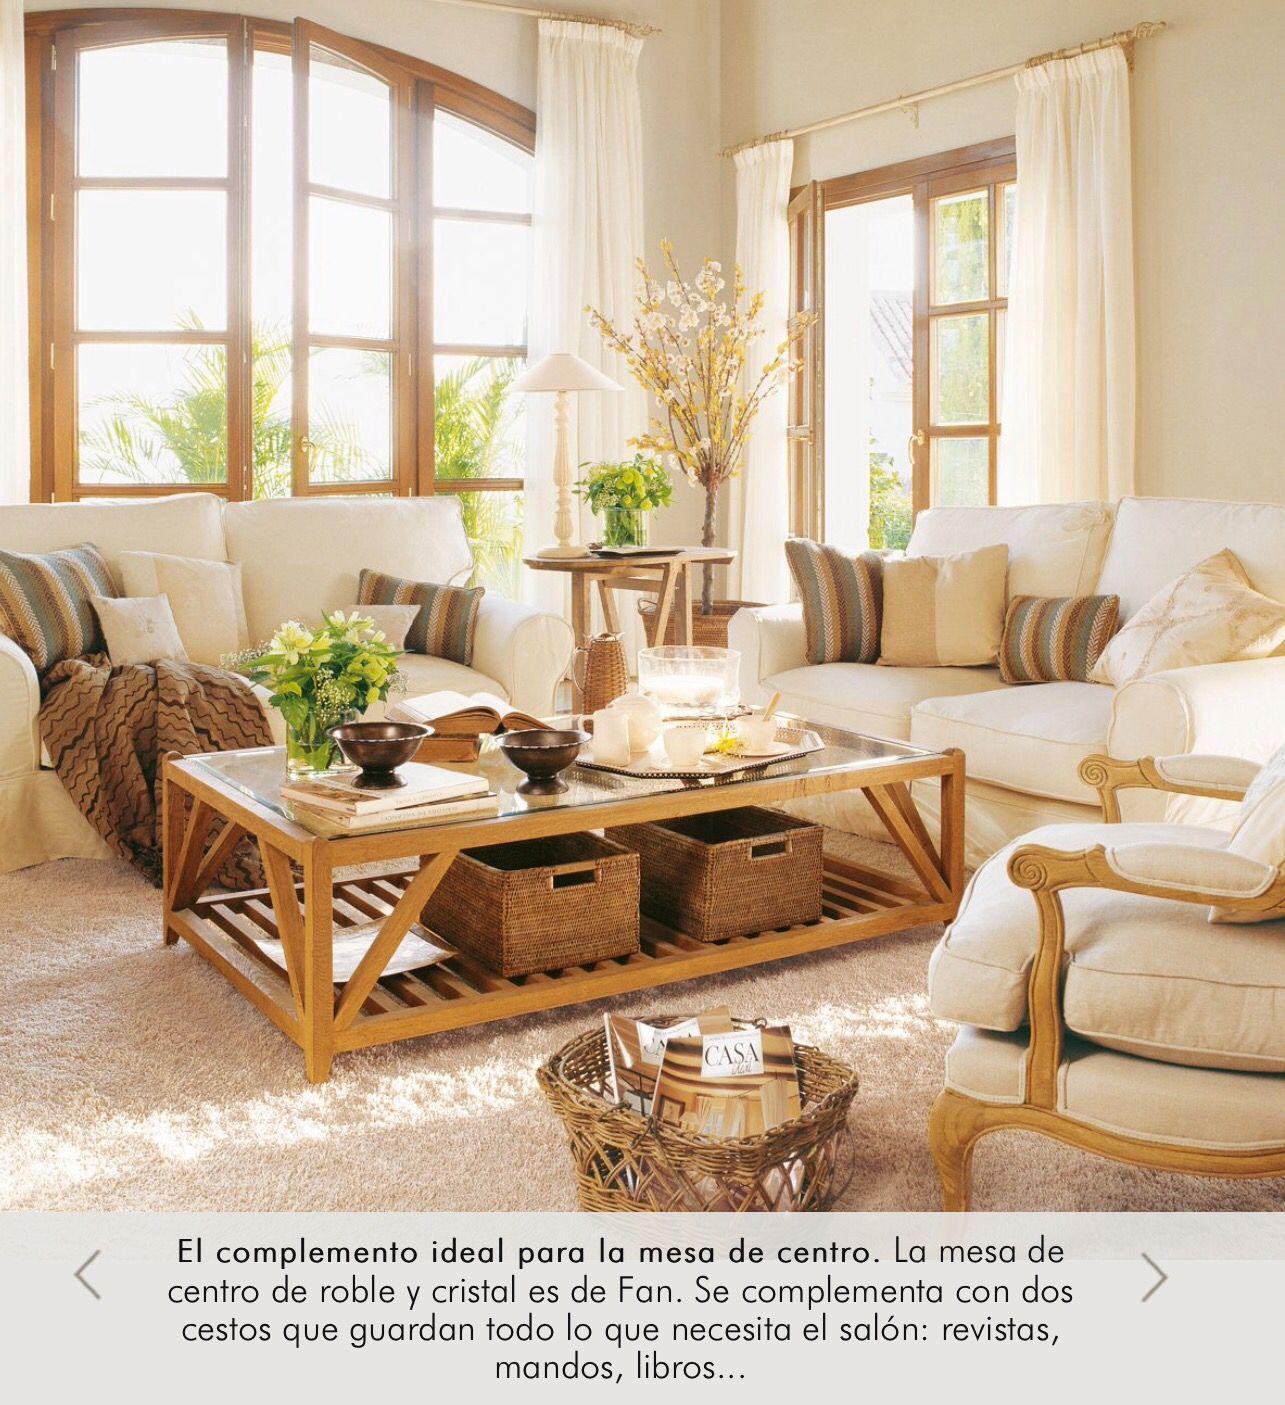 Orden En Casa Cajas De Mimbre Bajo La Mesa Del Sal N El Mueble  ~ Revista De Decoracion El Mueble